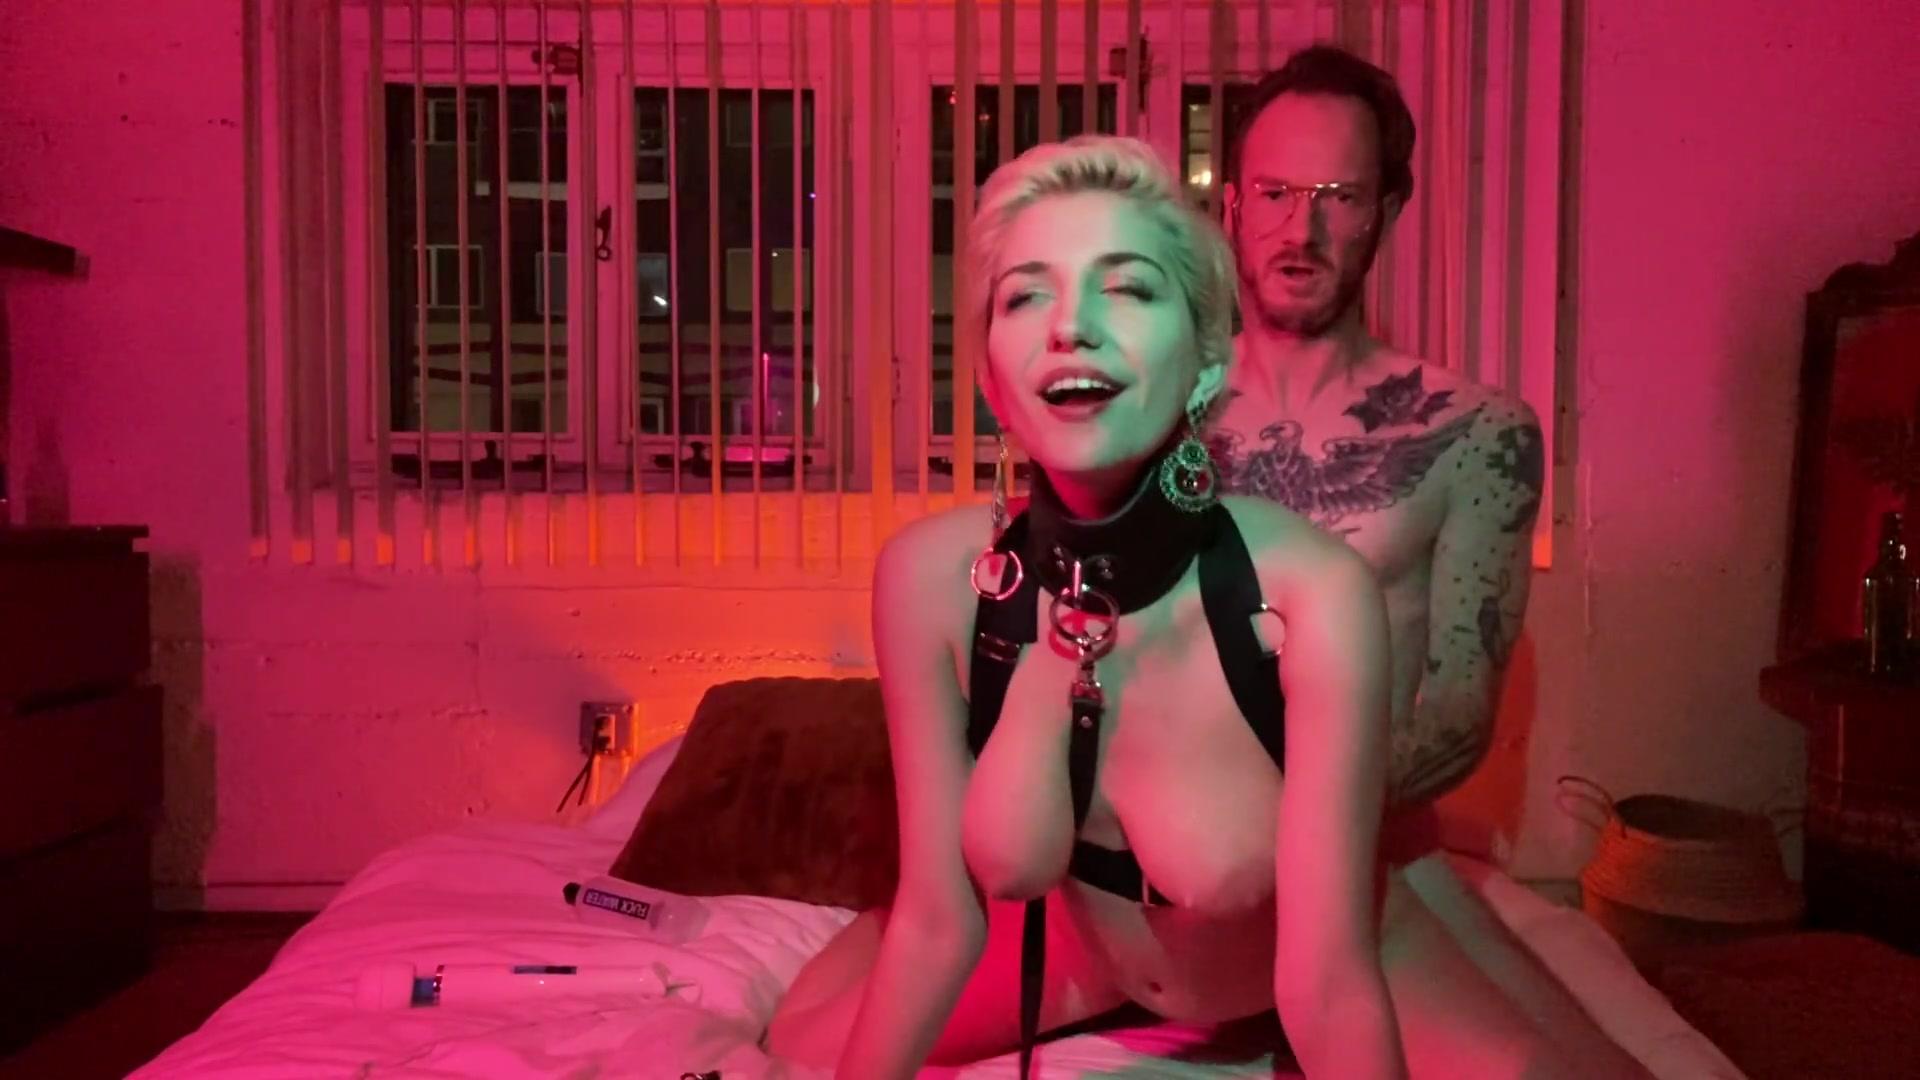 Стройная блондинки с короткой стрижкой получает от мужиков комплименты и двойное проникновение - секс порно видео